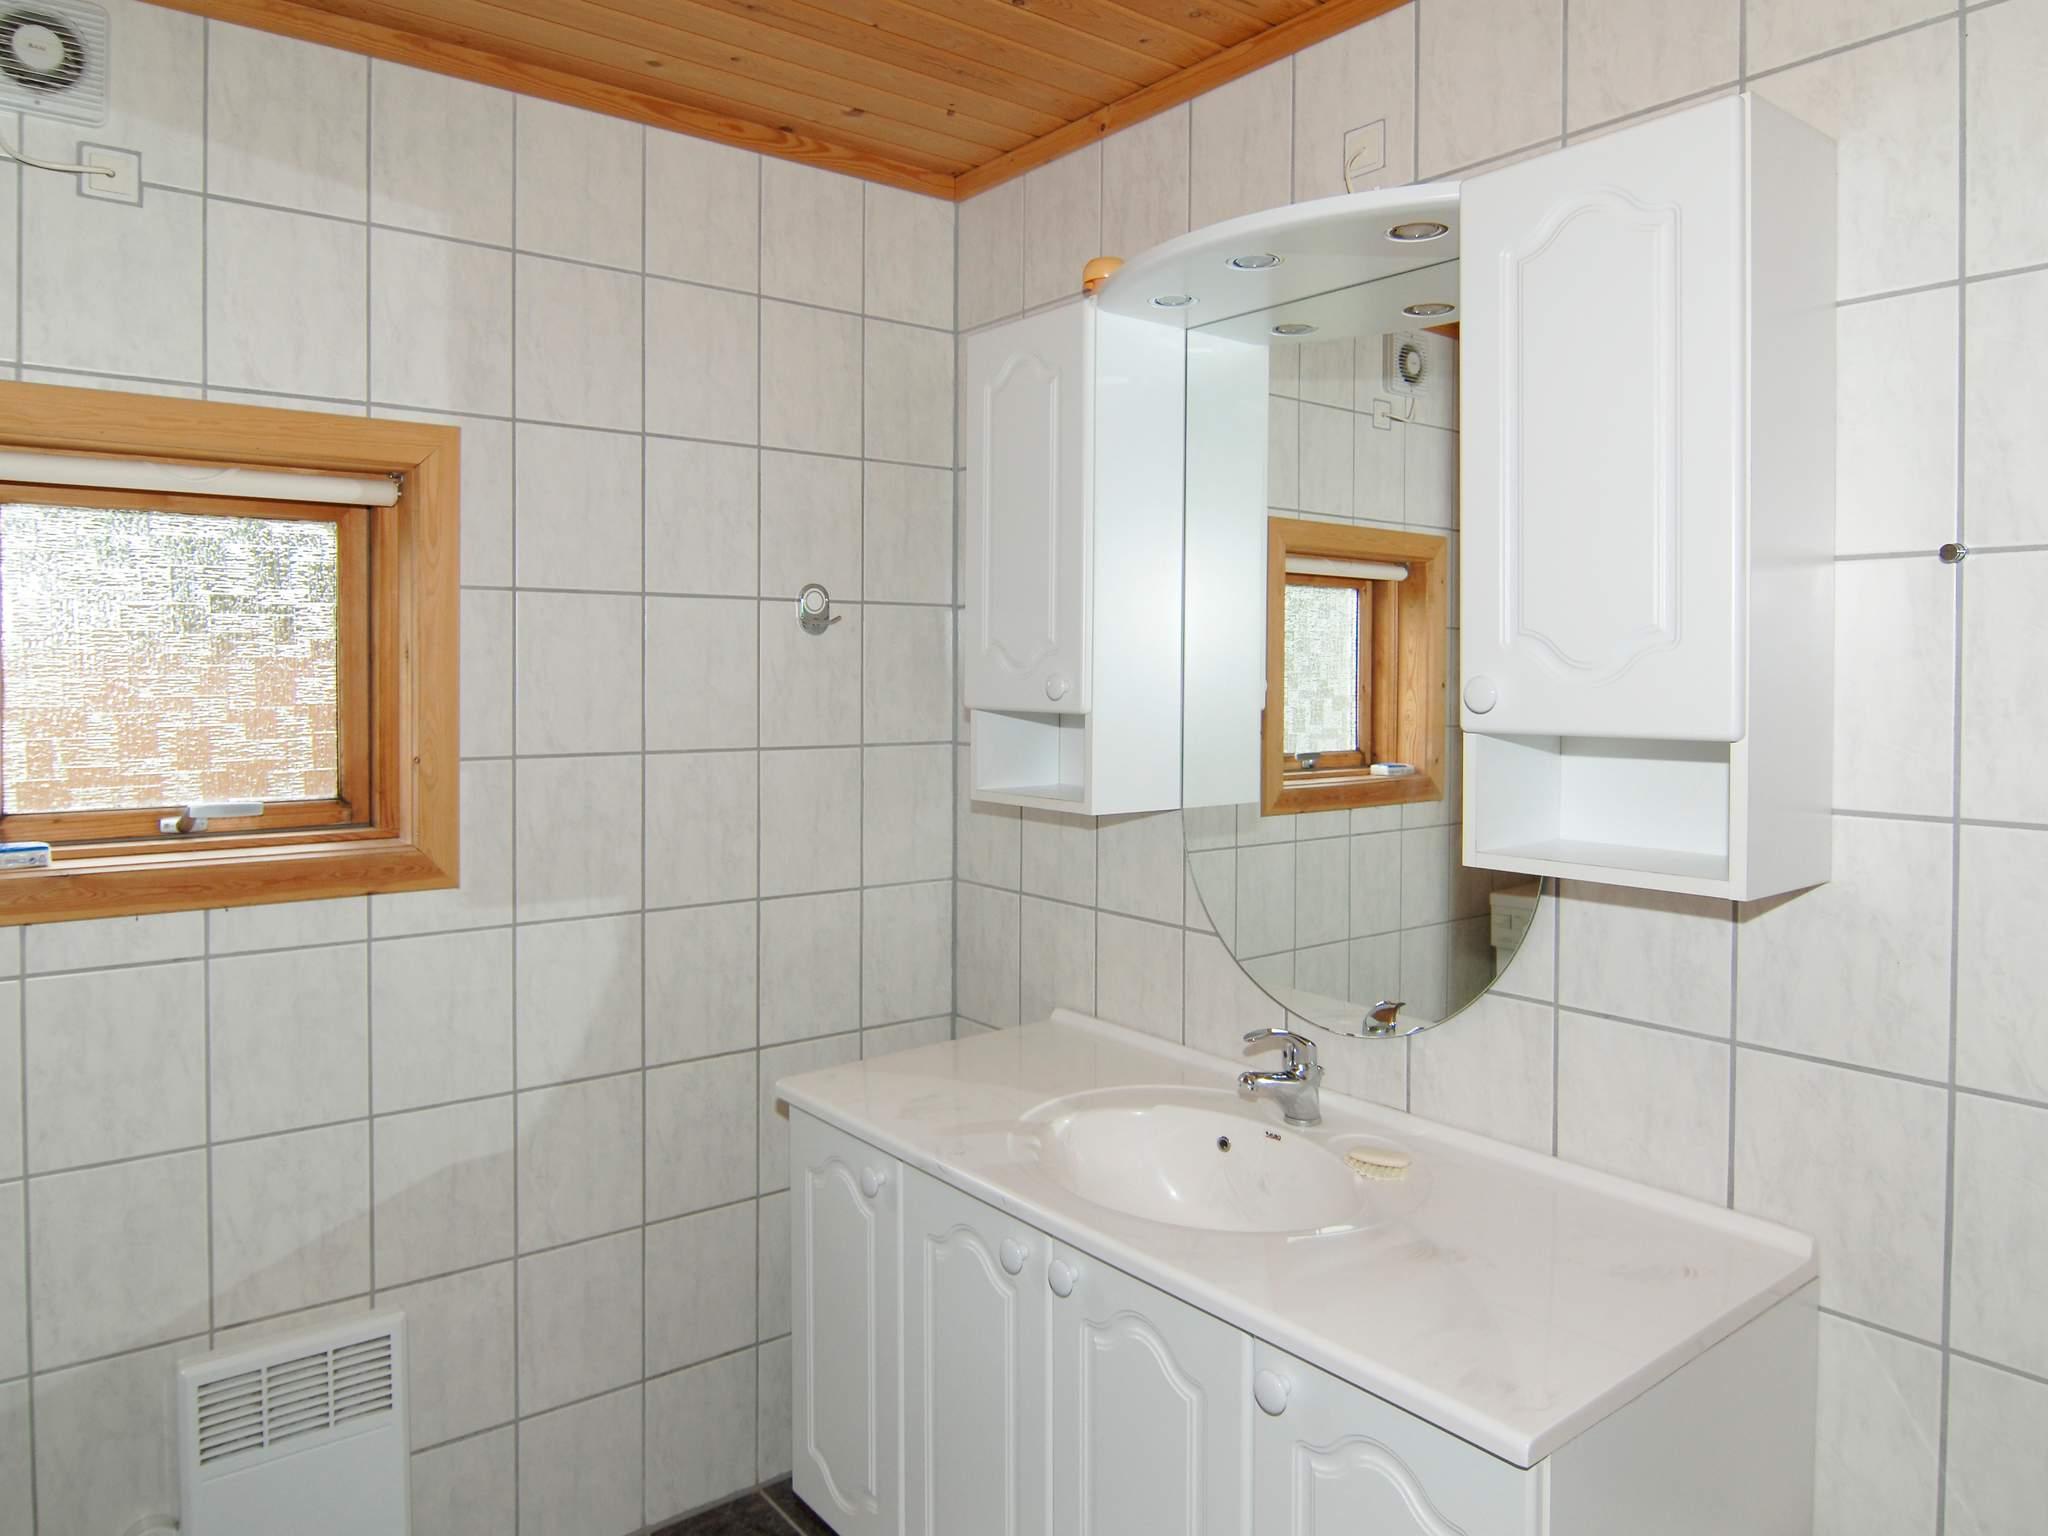 Ferienhaus Binderup Strand (82391), Binderup, , Südostjütland, Dänemark, Bild 16